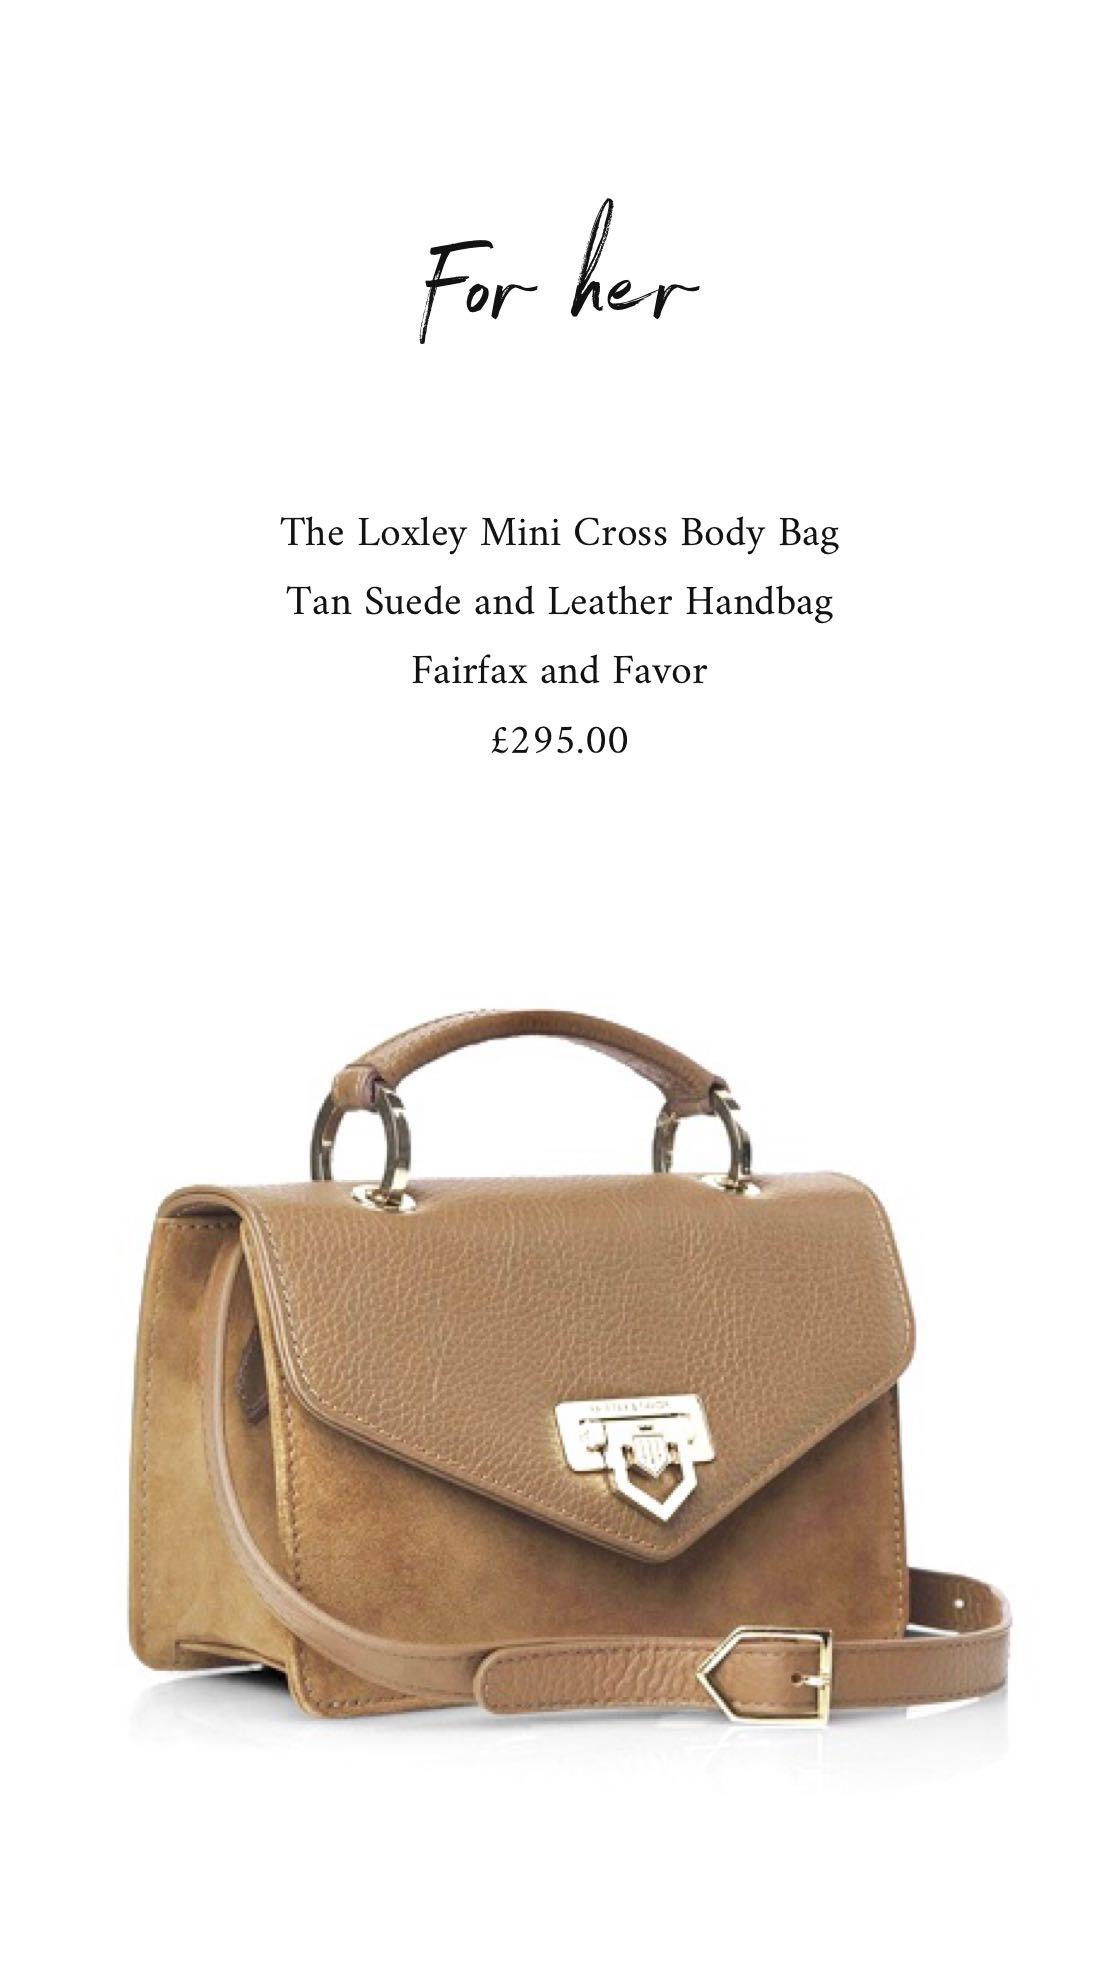 Fairfax and Favor Handbag